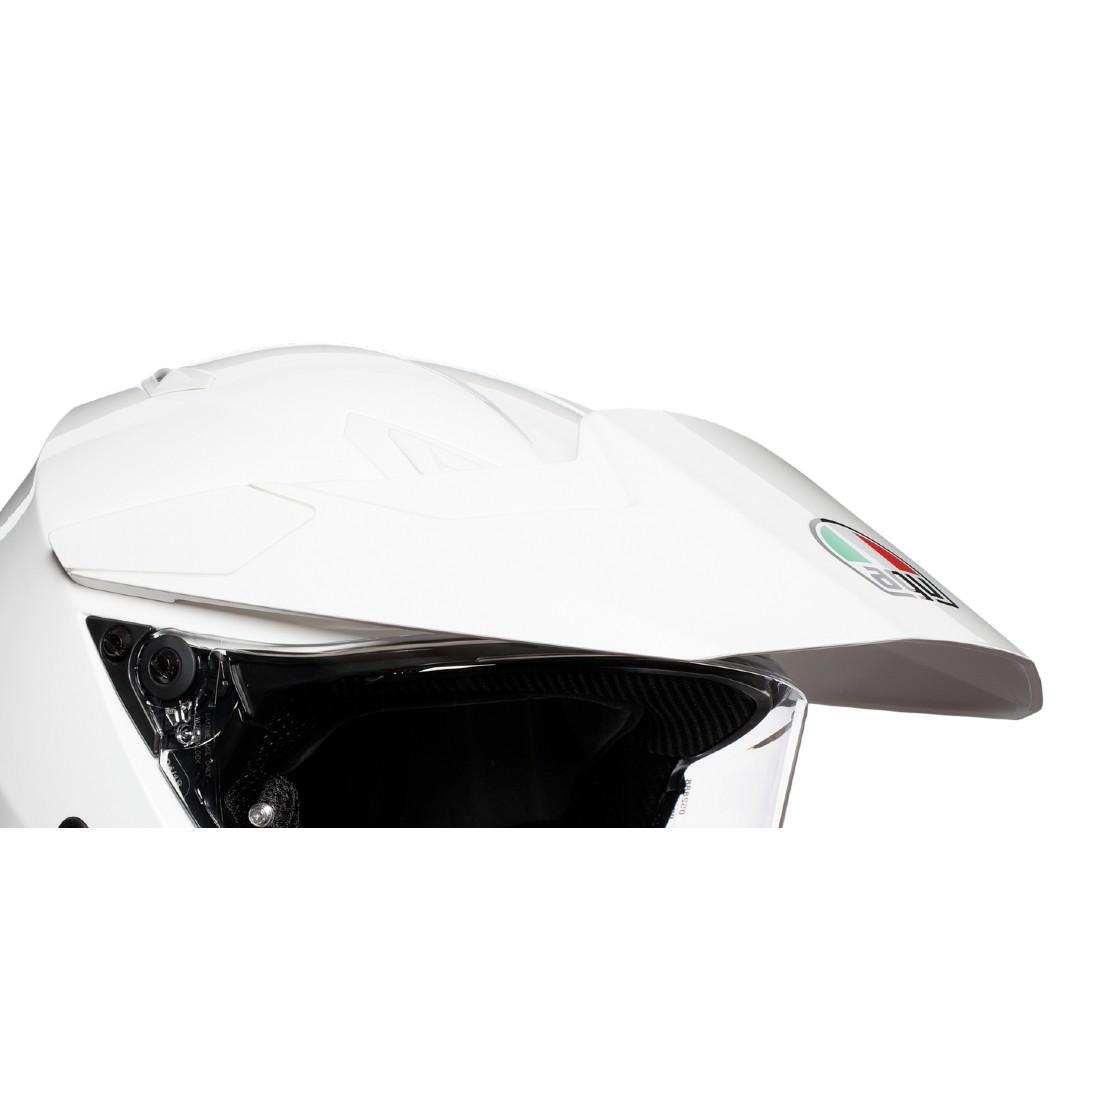 AGV(エージーブイ) ヘルメットパーツ バイザー AX9用 KIT PEAK + COVER + SCR AX9 (ピーク・カバー・スクリューセット) ホワイト KIT76324-002-N